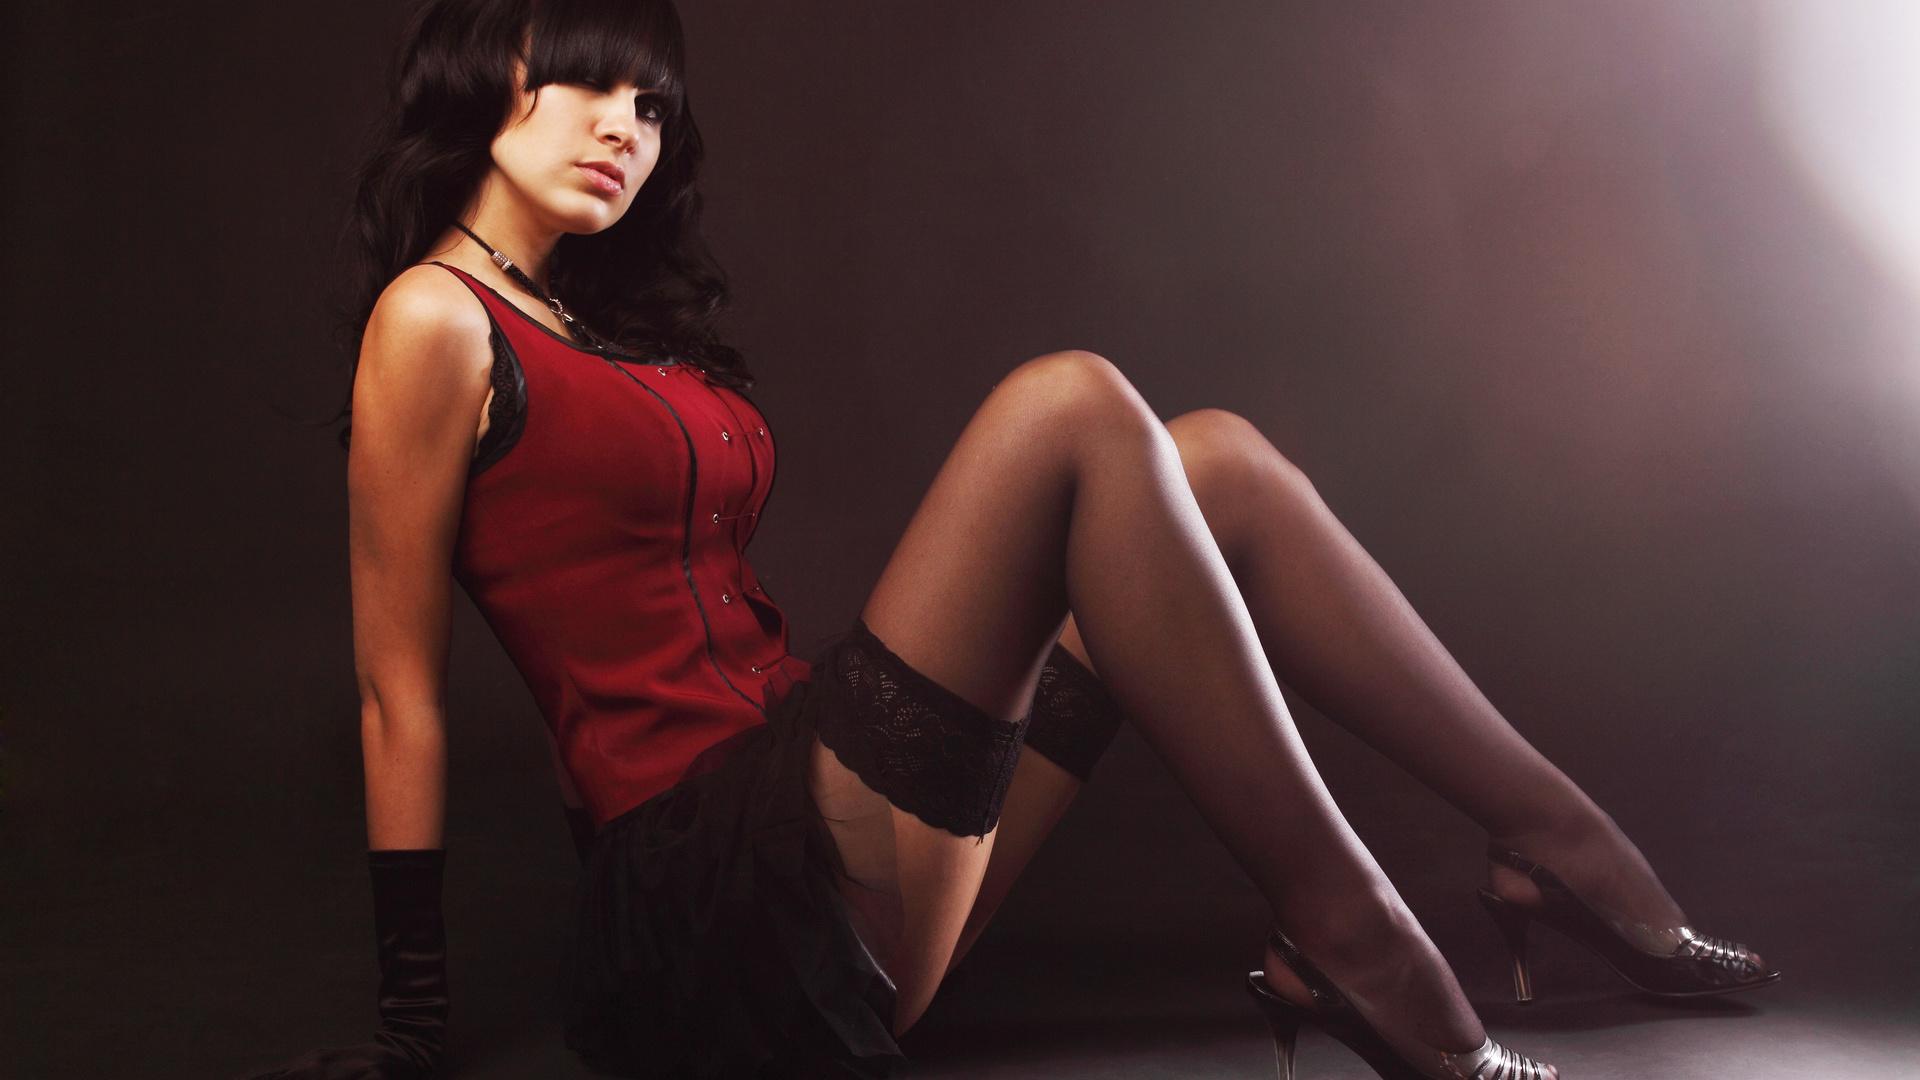 Фото девушка сидит в чулках изгибы формы 22 фотография